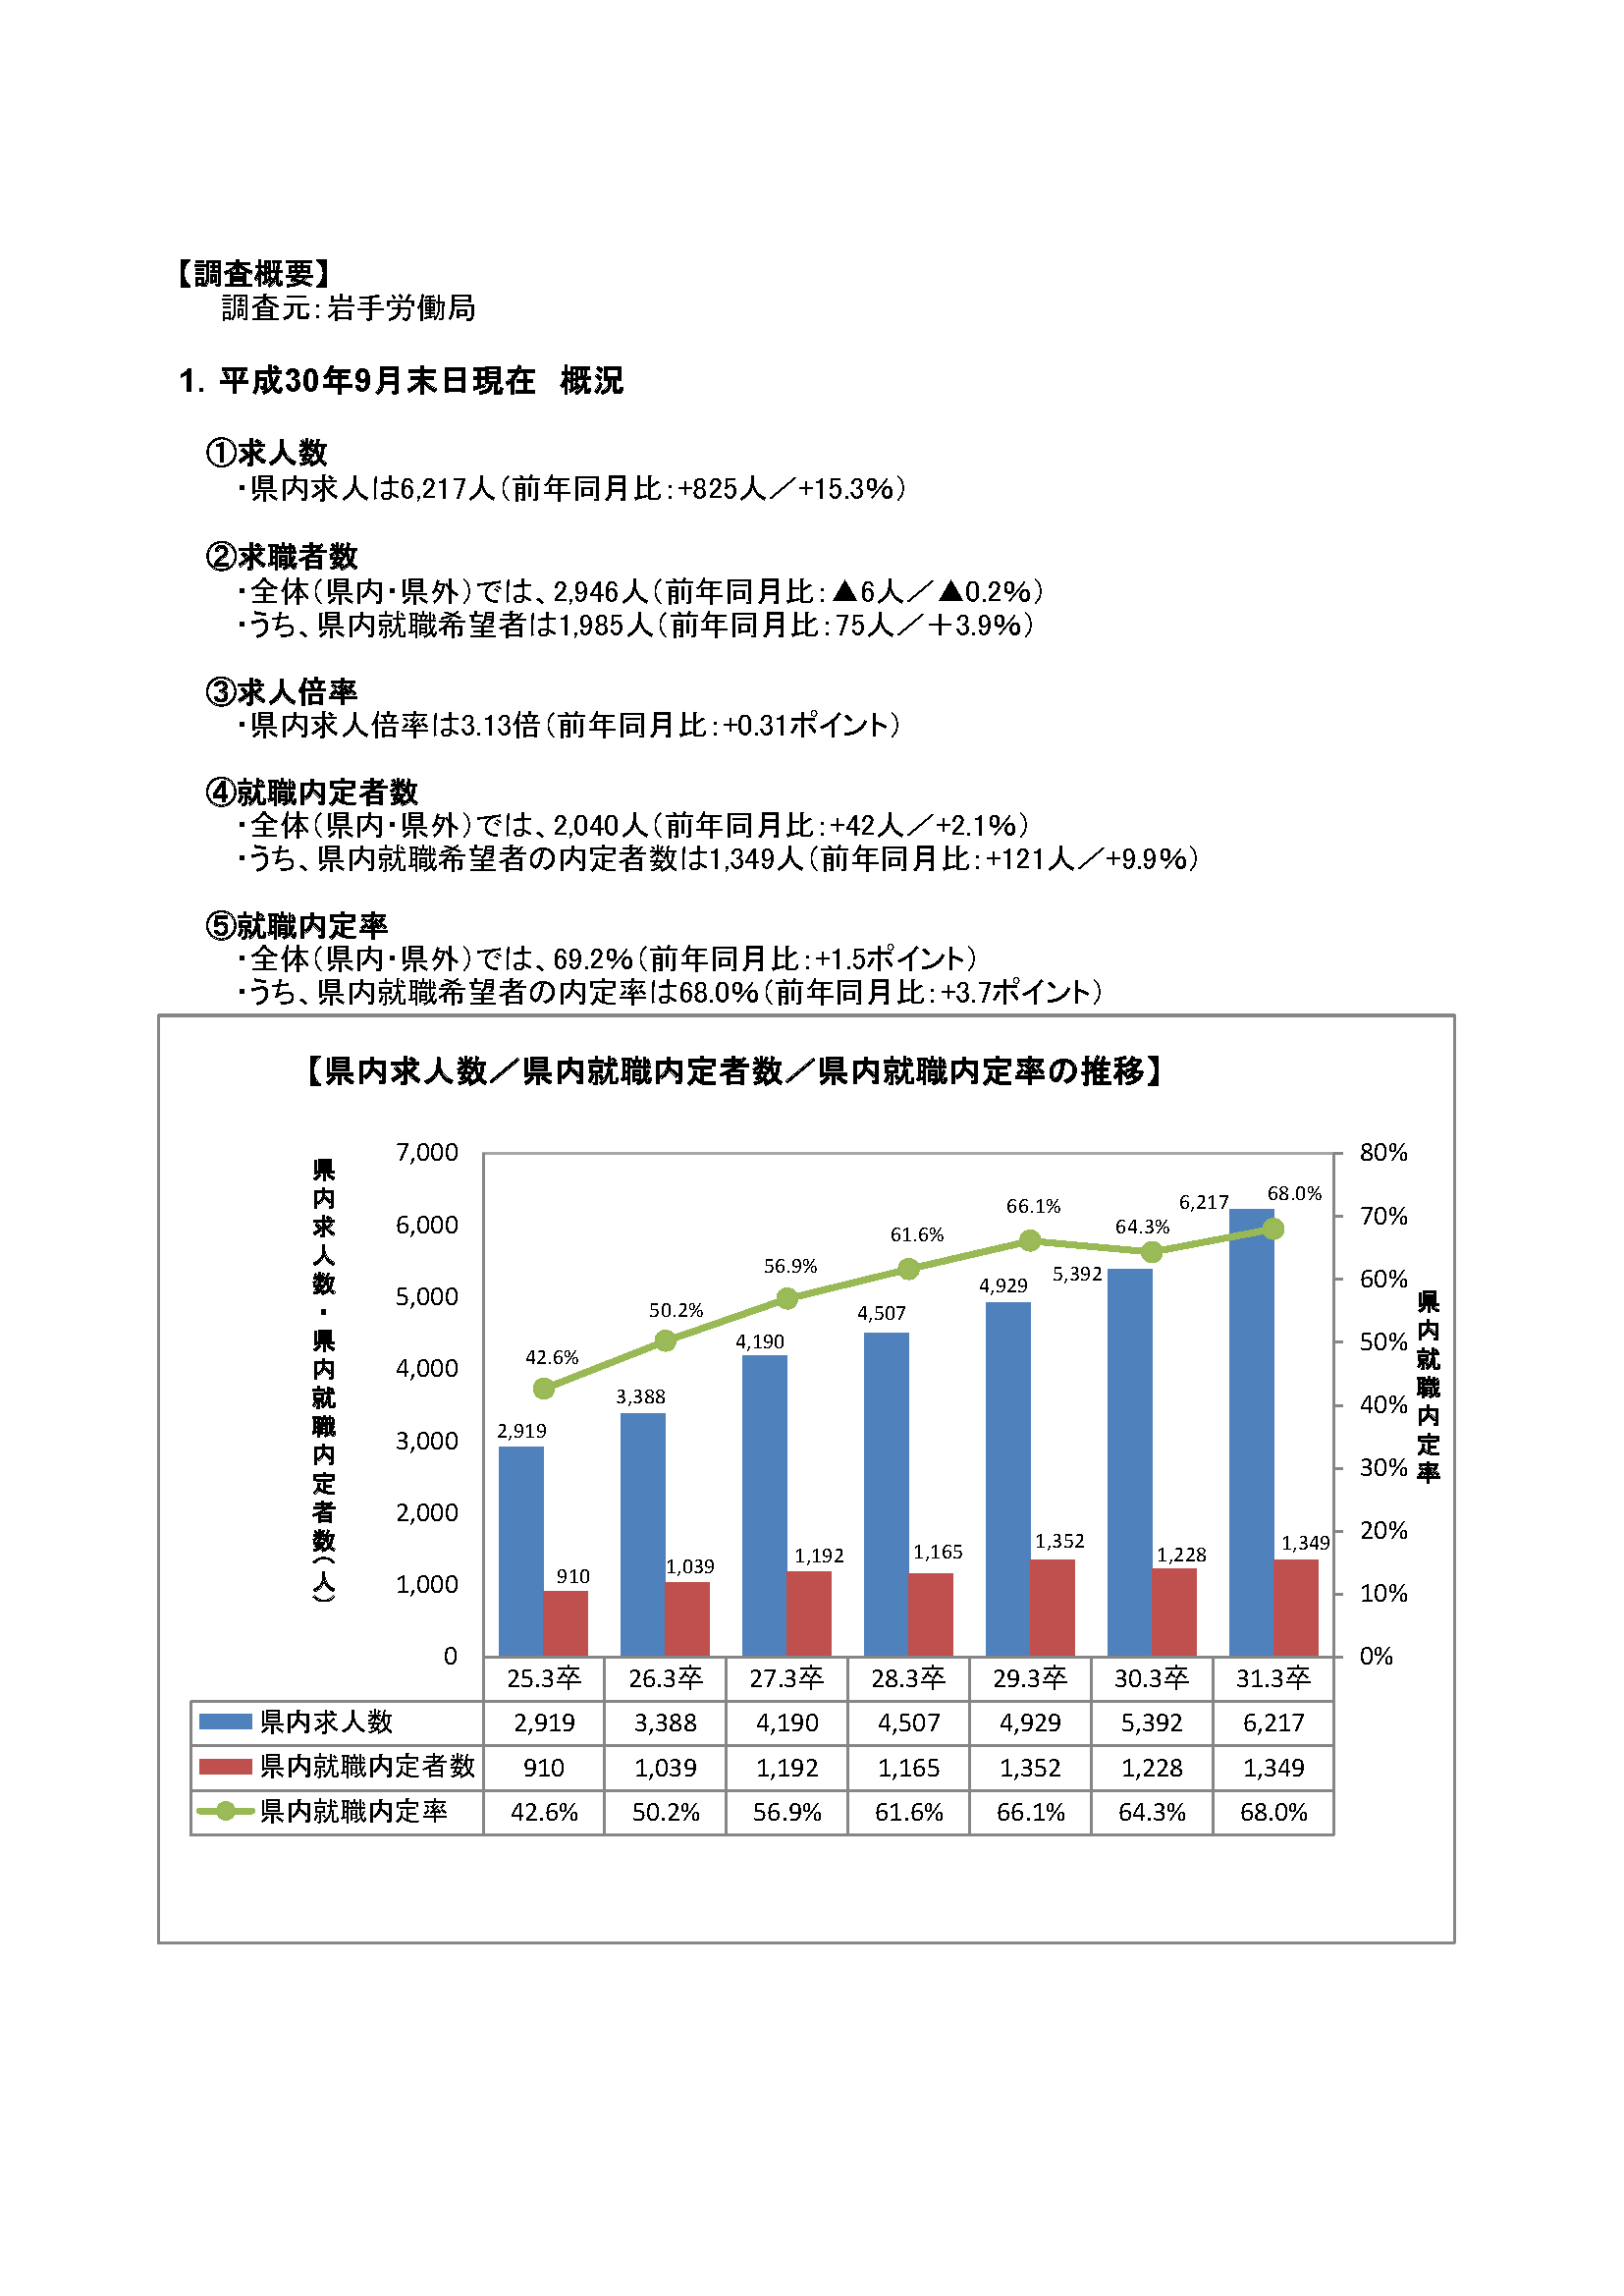 H31.3月高卒者職業紹介状況資料(201809月末現在)